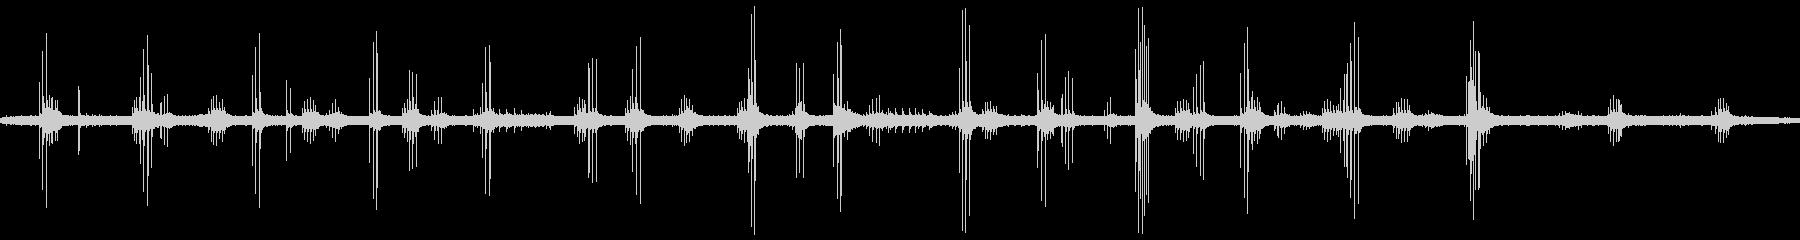 モリアオガエルの鳴き声の未再生の波形